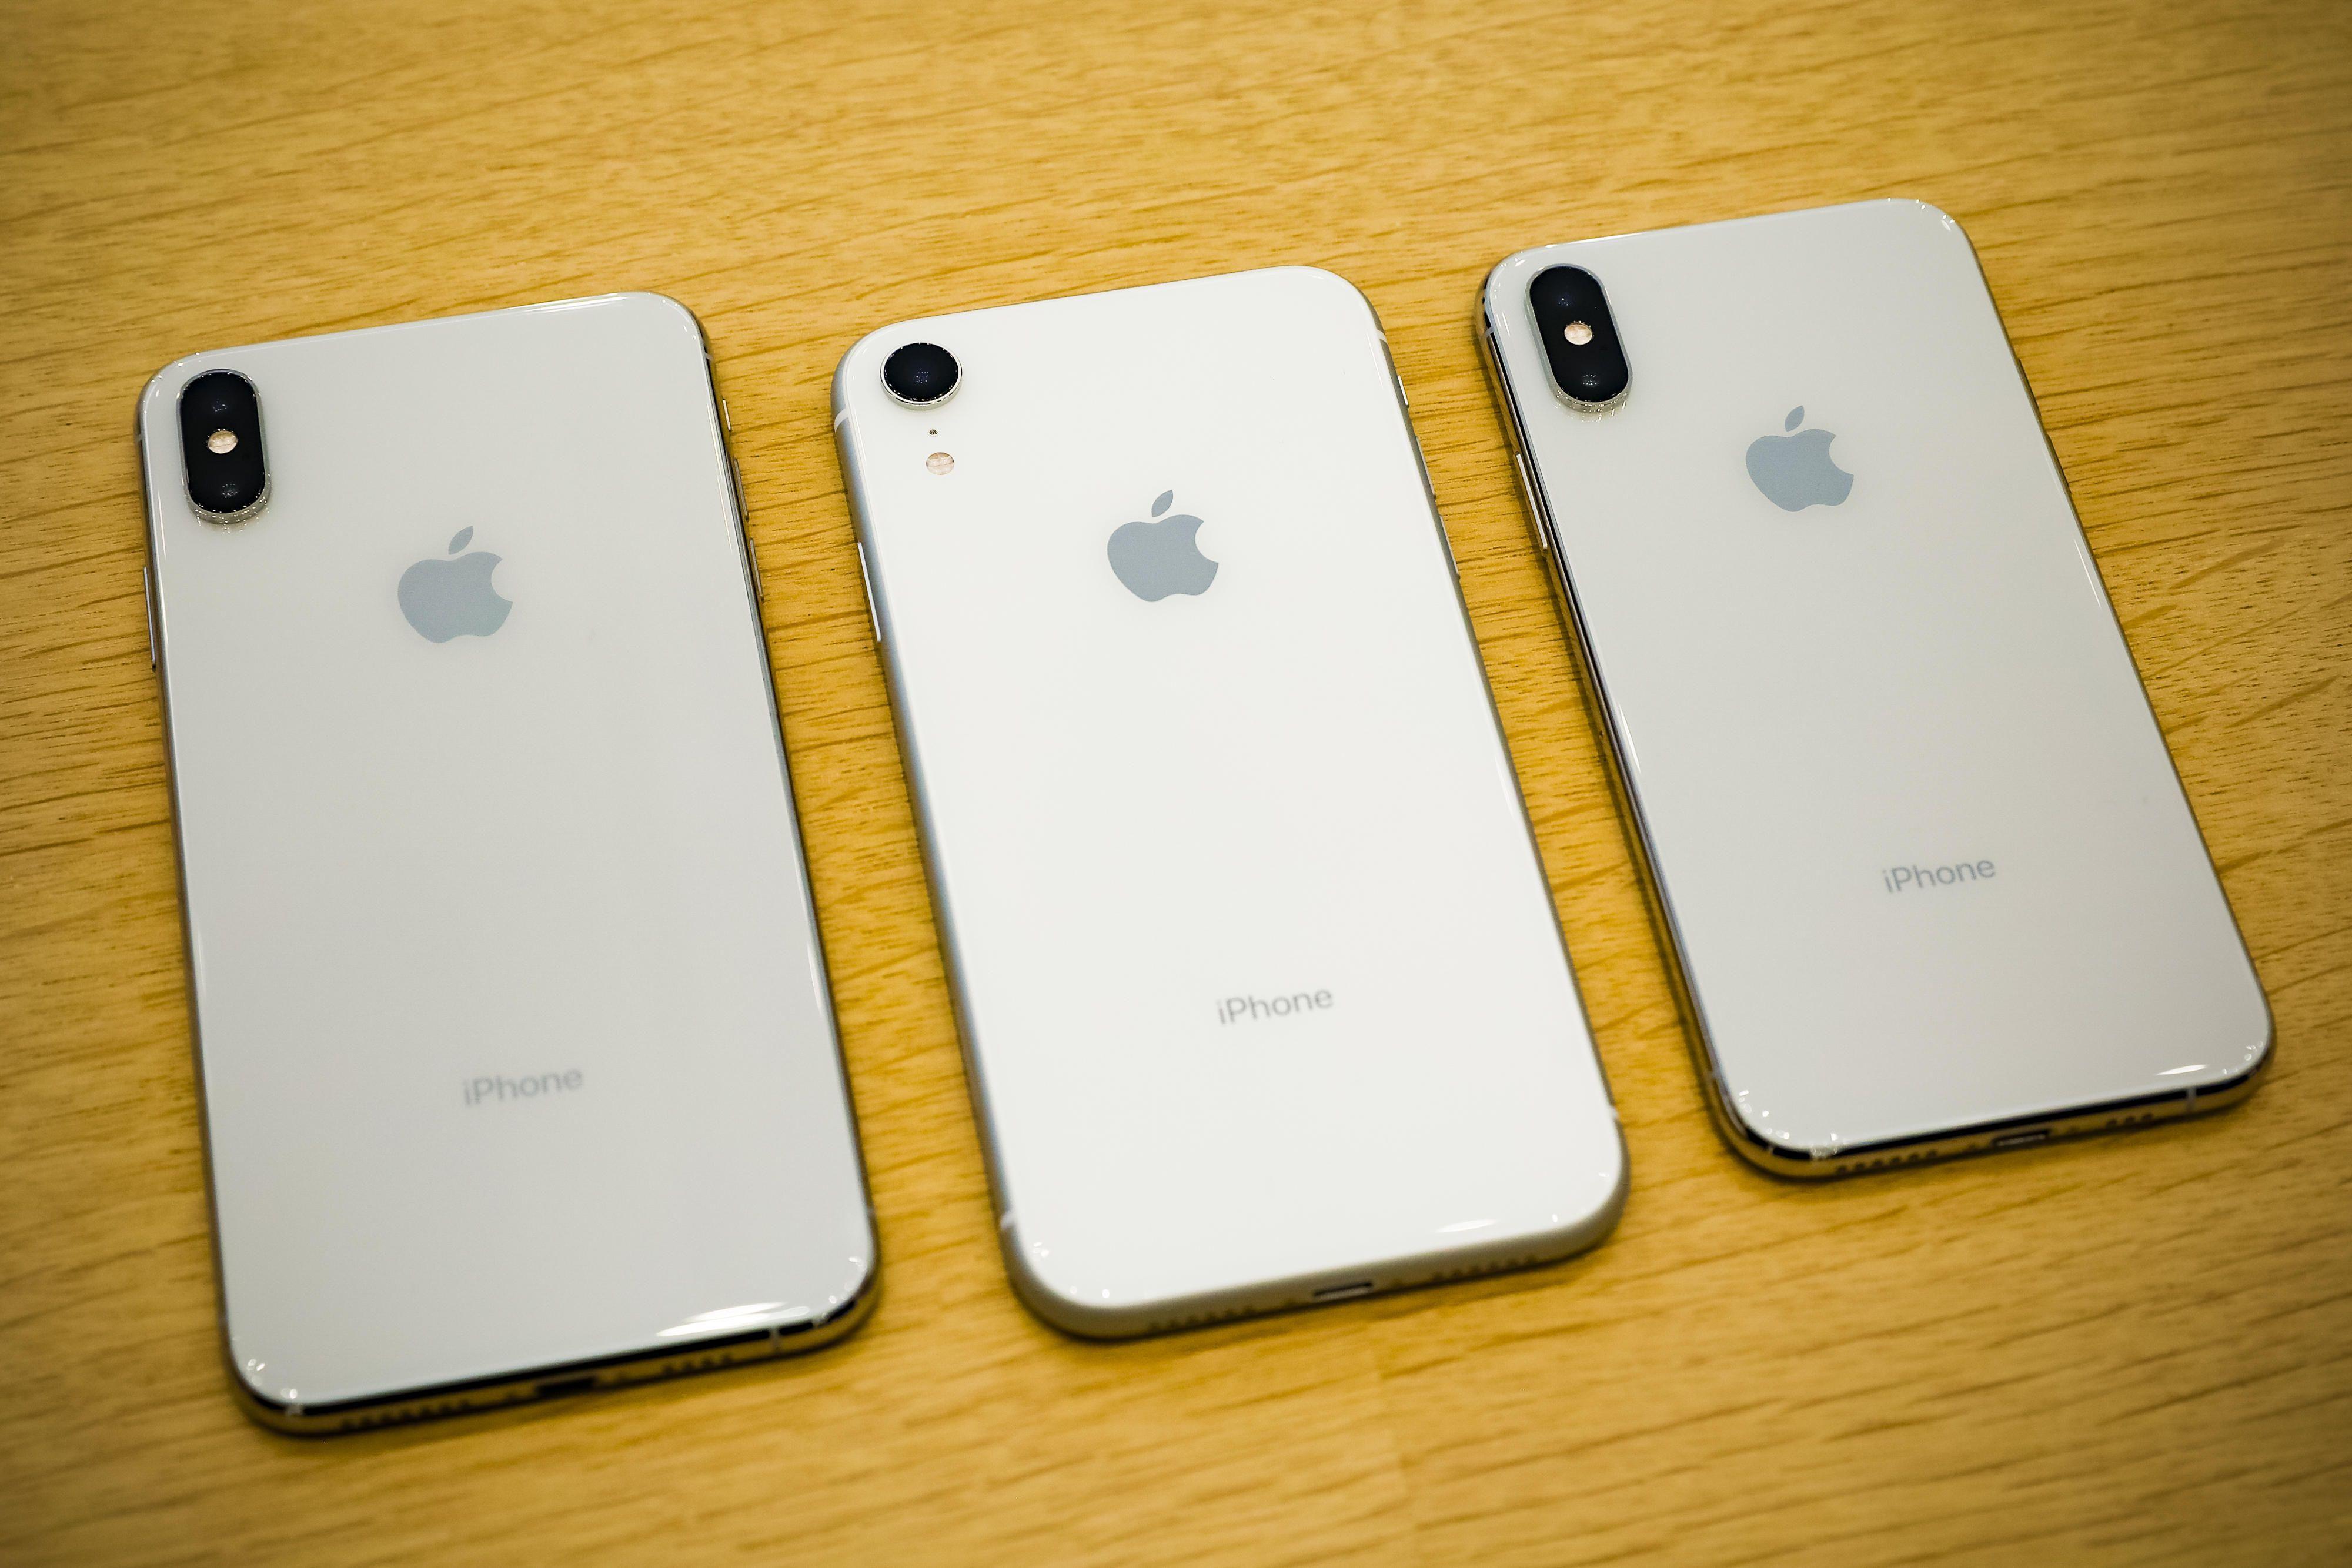 Pin Lithium Ion đang dần đuối sức trước các công nghệ smartphone hiện đại